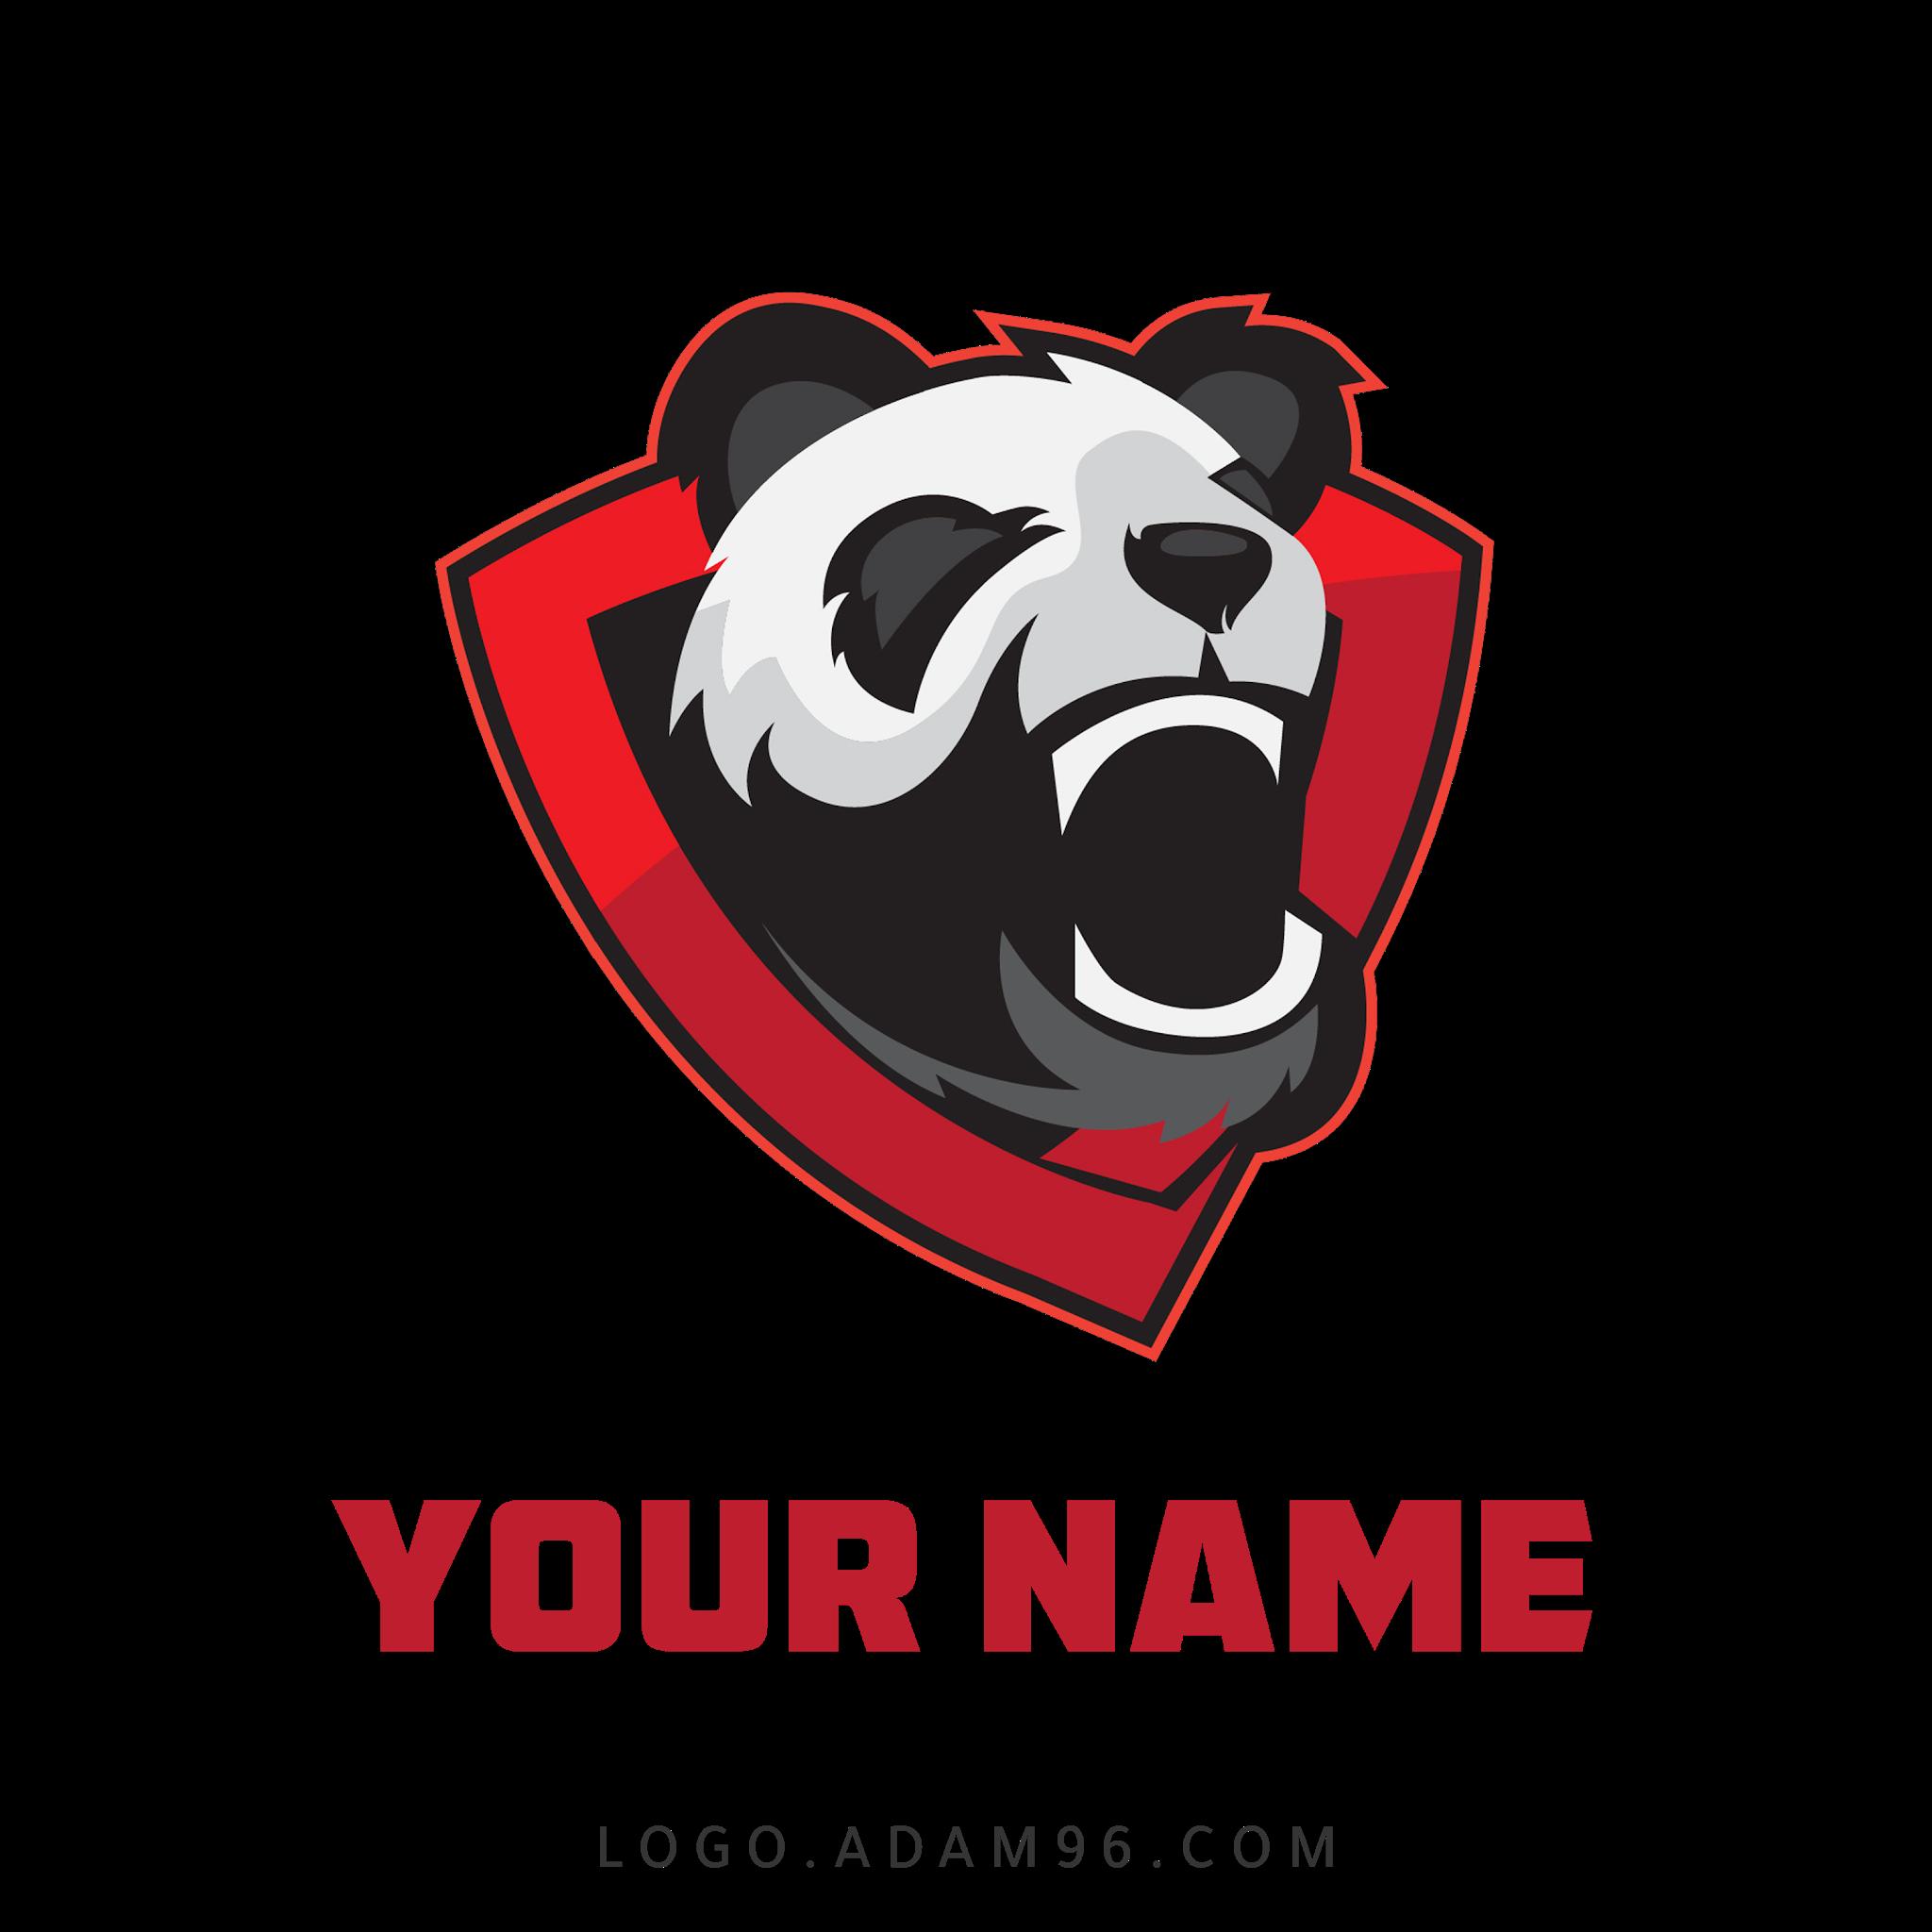 شعار العاب بدون اسم بصيغة شفافة Logo Games PNG